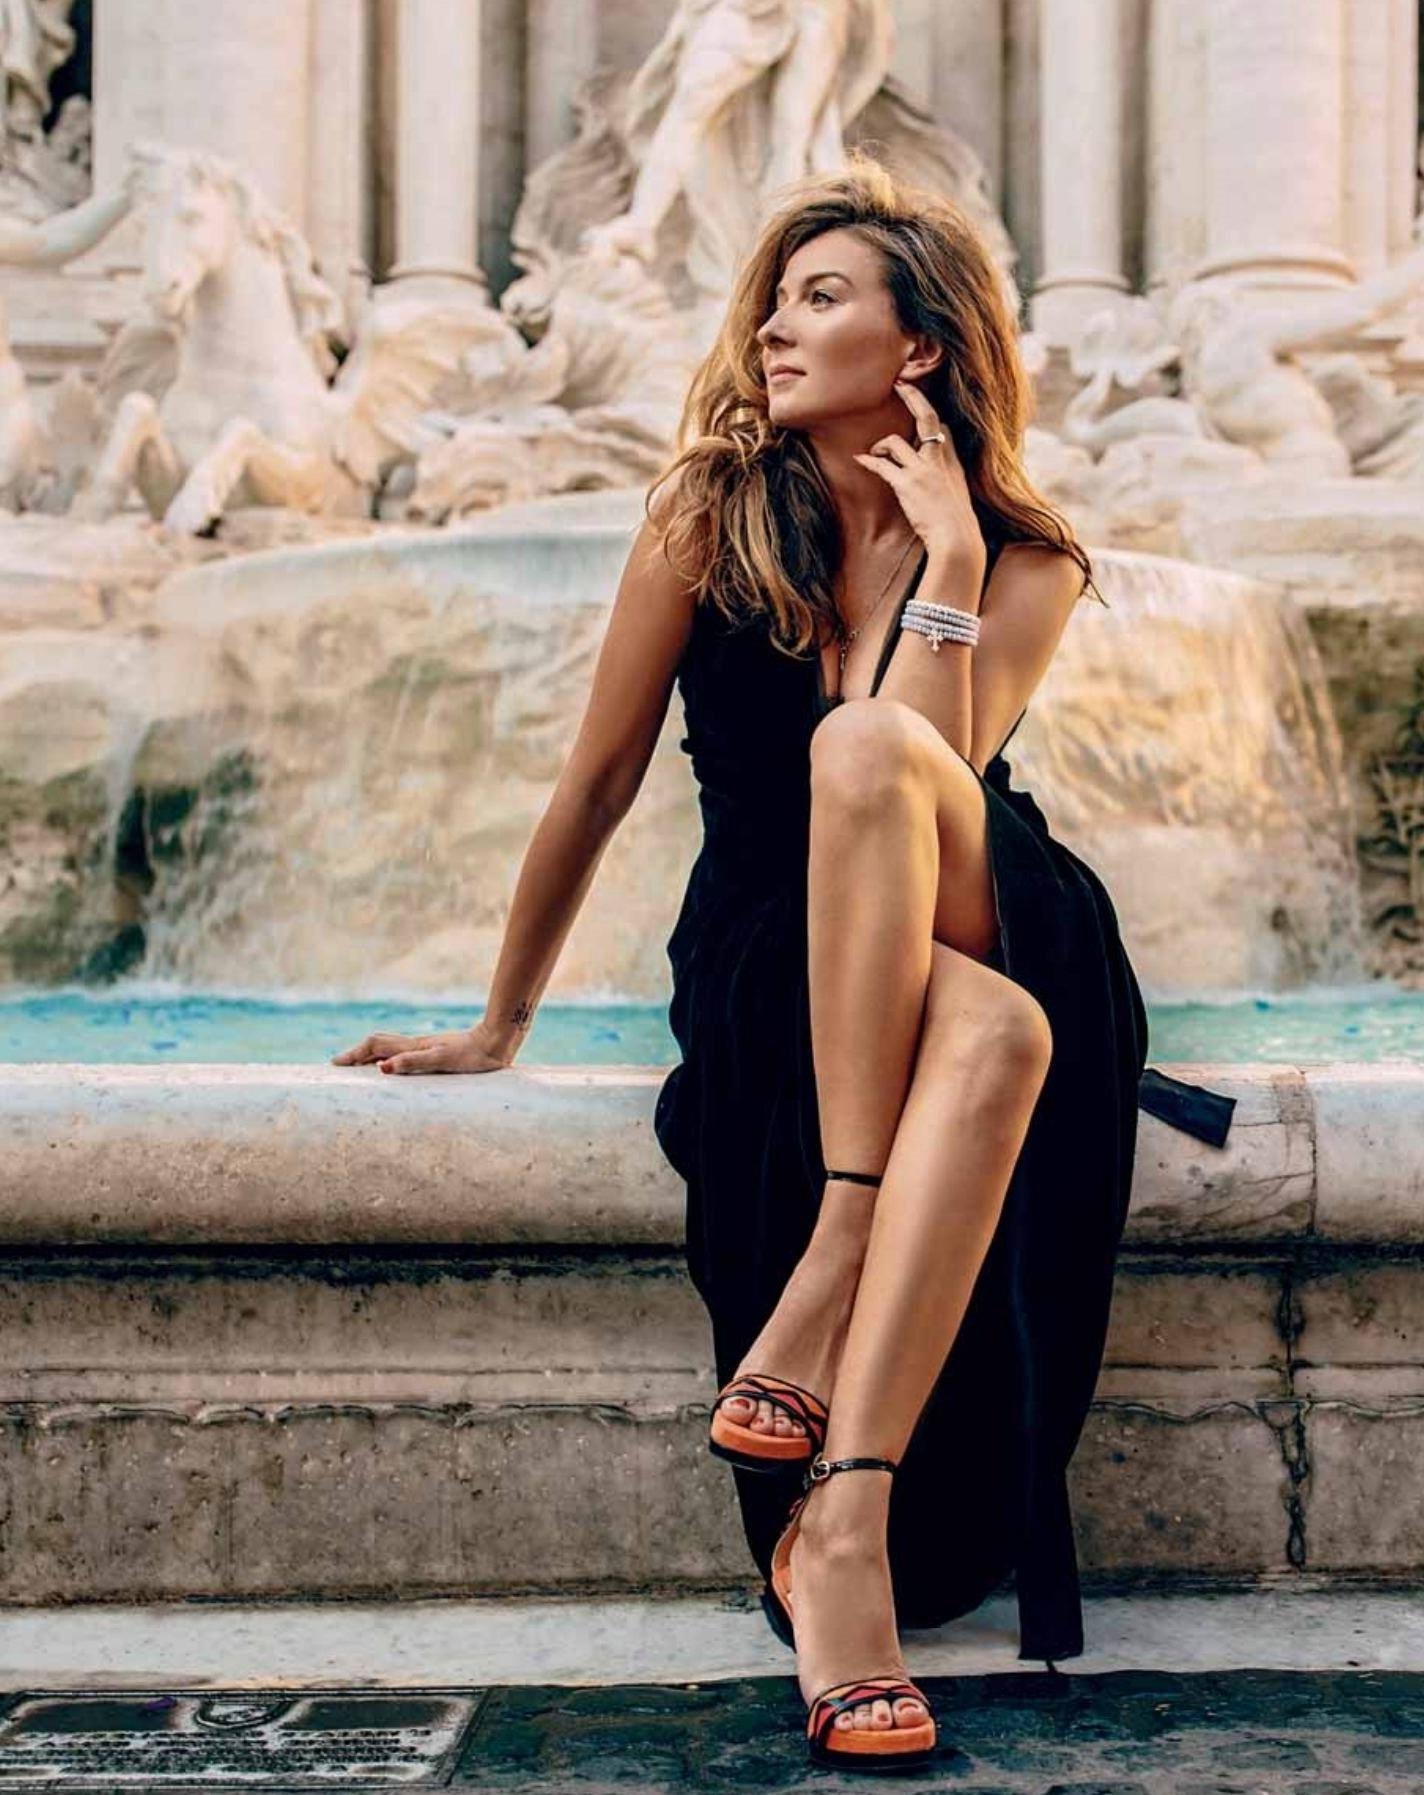 У Жанны Бадоевой такие стройные ножки